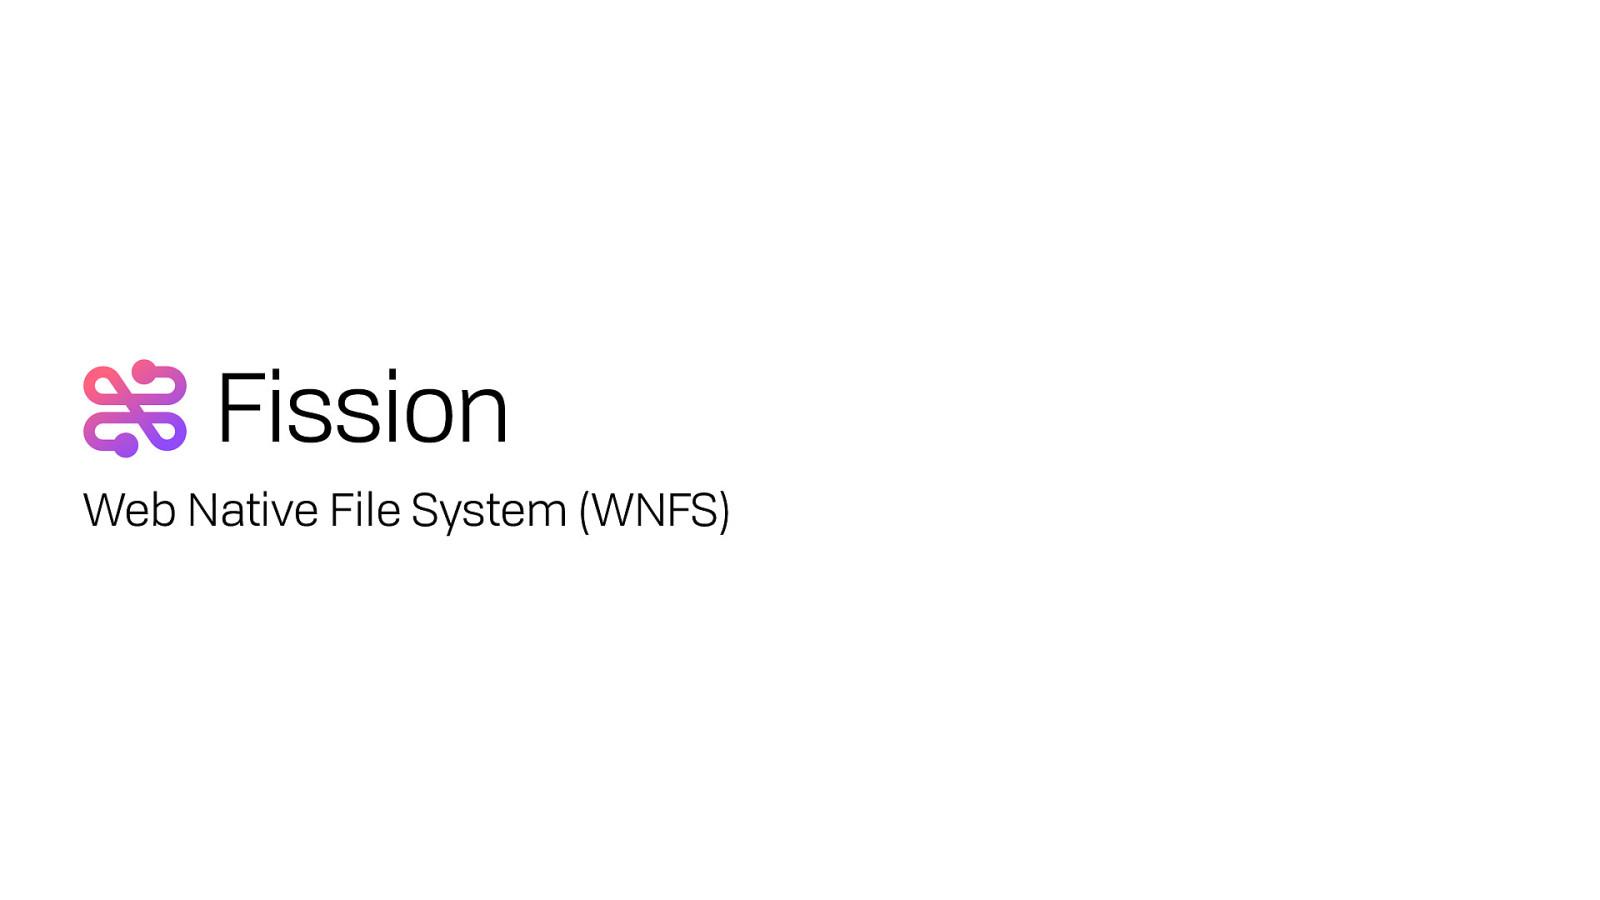 WebNative File System